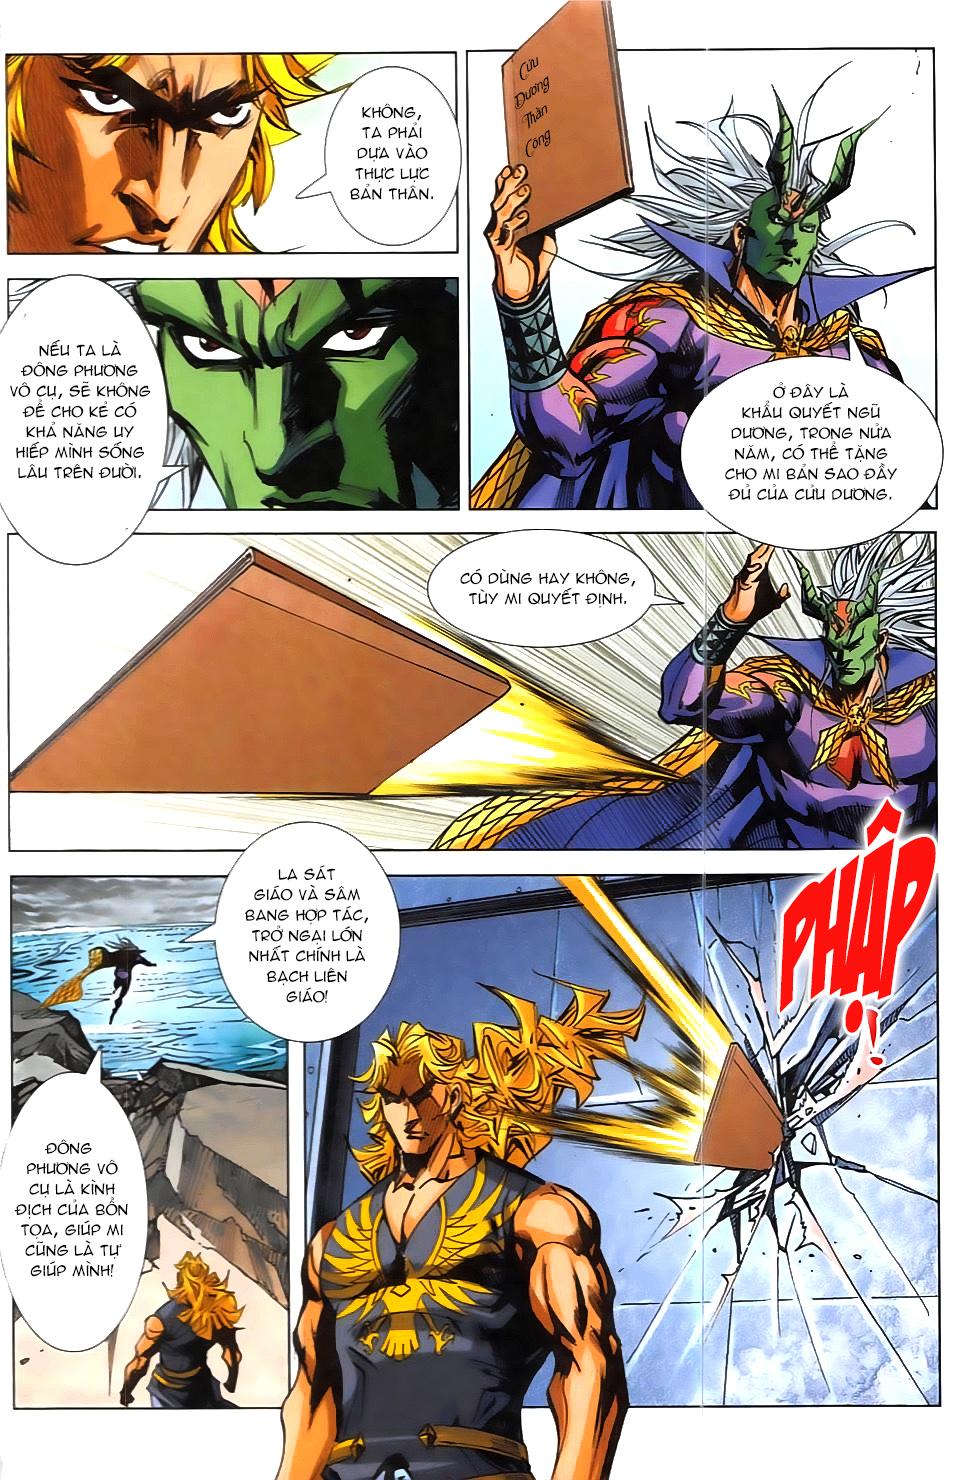 Hoàng Giả Chi Lộ chap 12.2 Trang 26 - Mangak.info